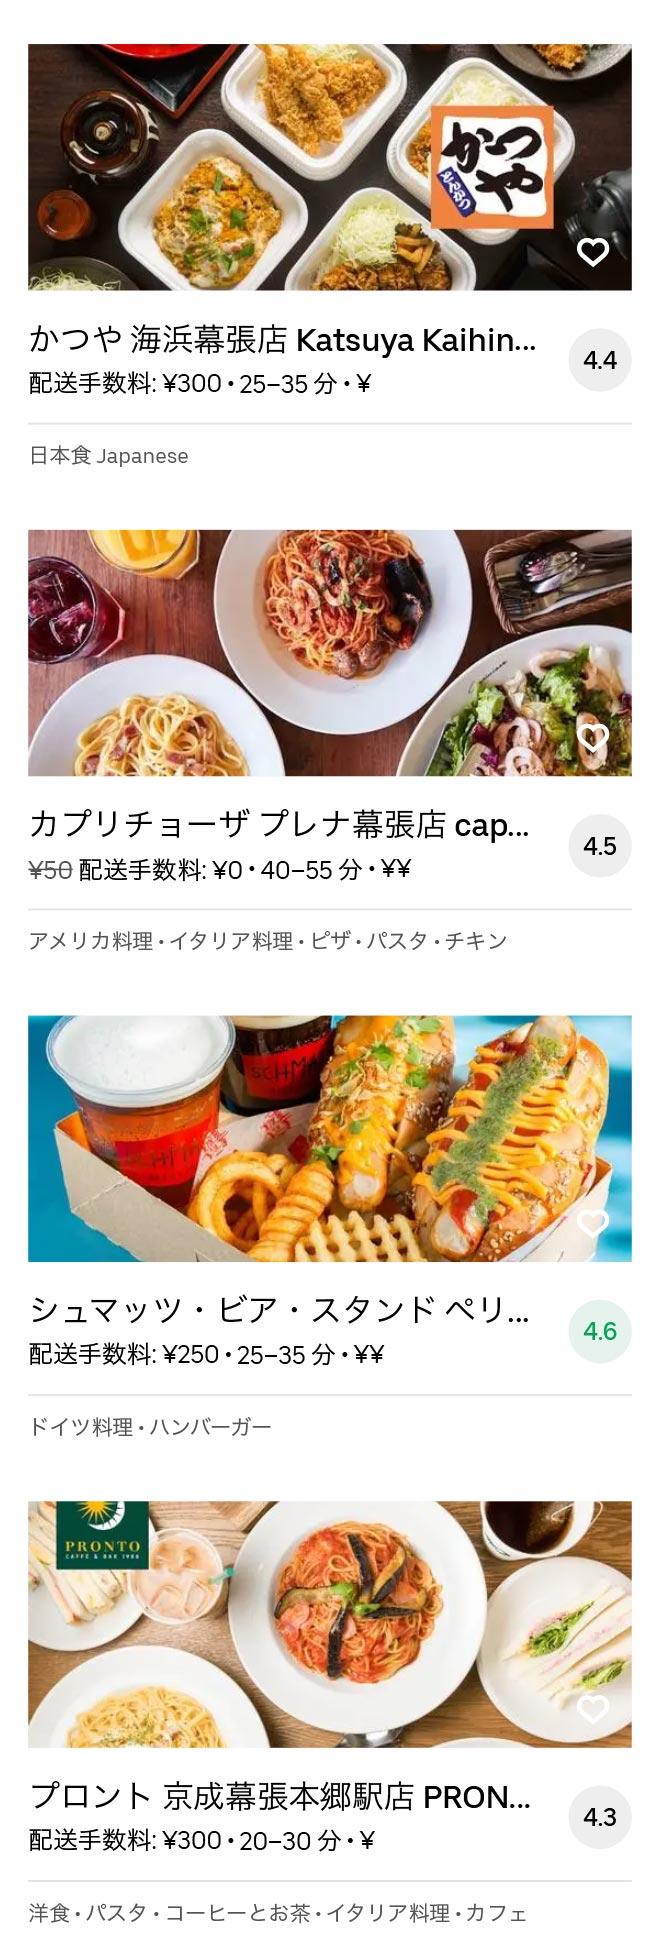 Makuhari menu 2010 08